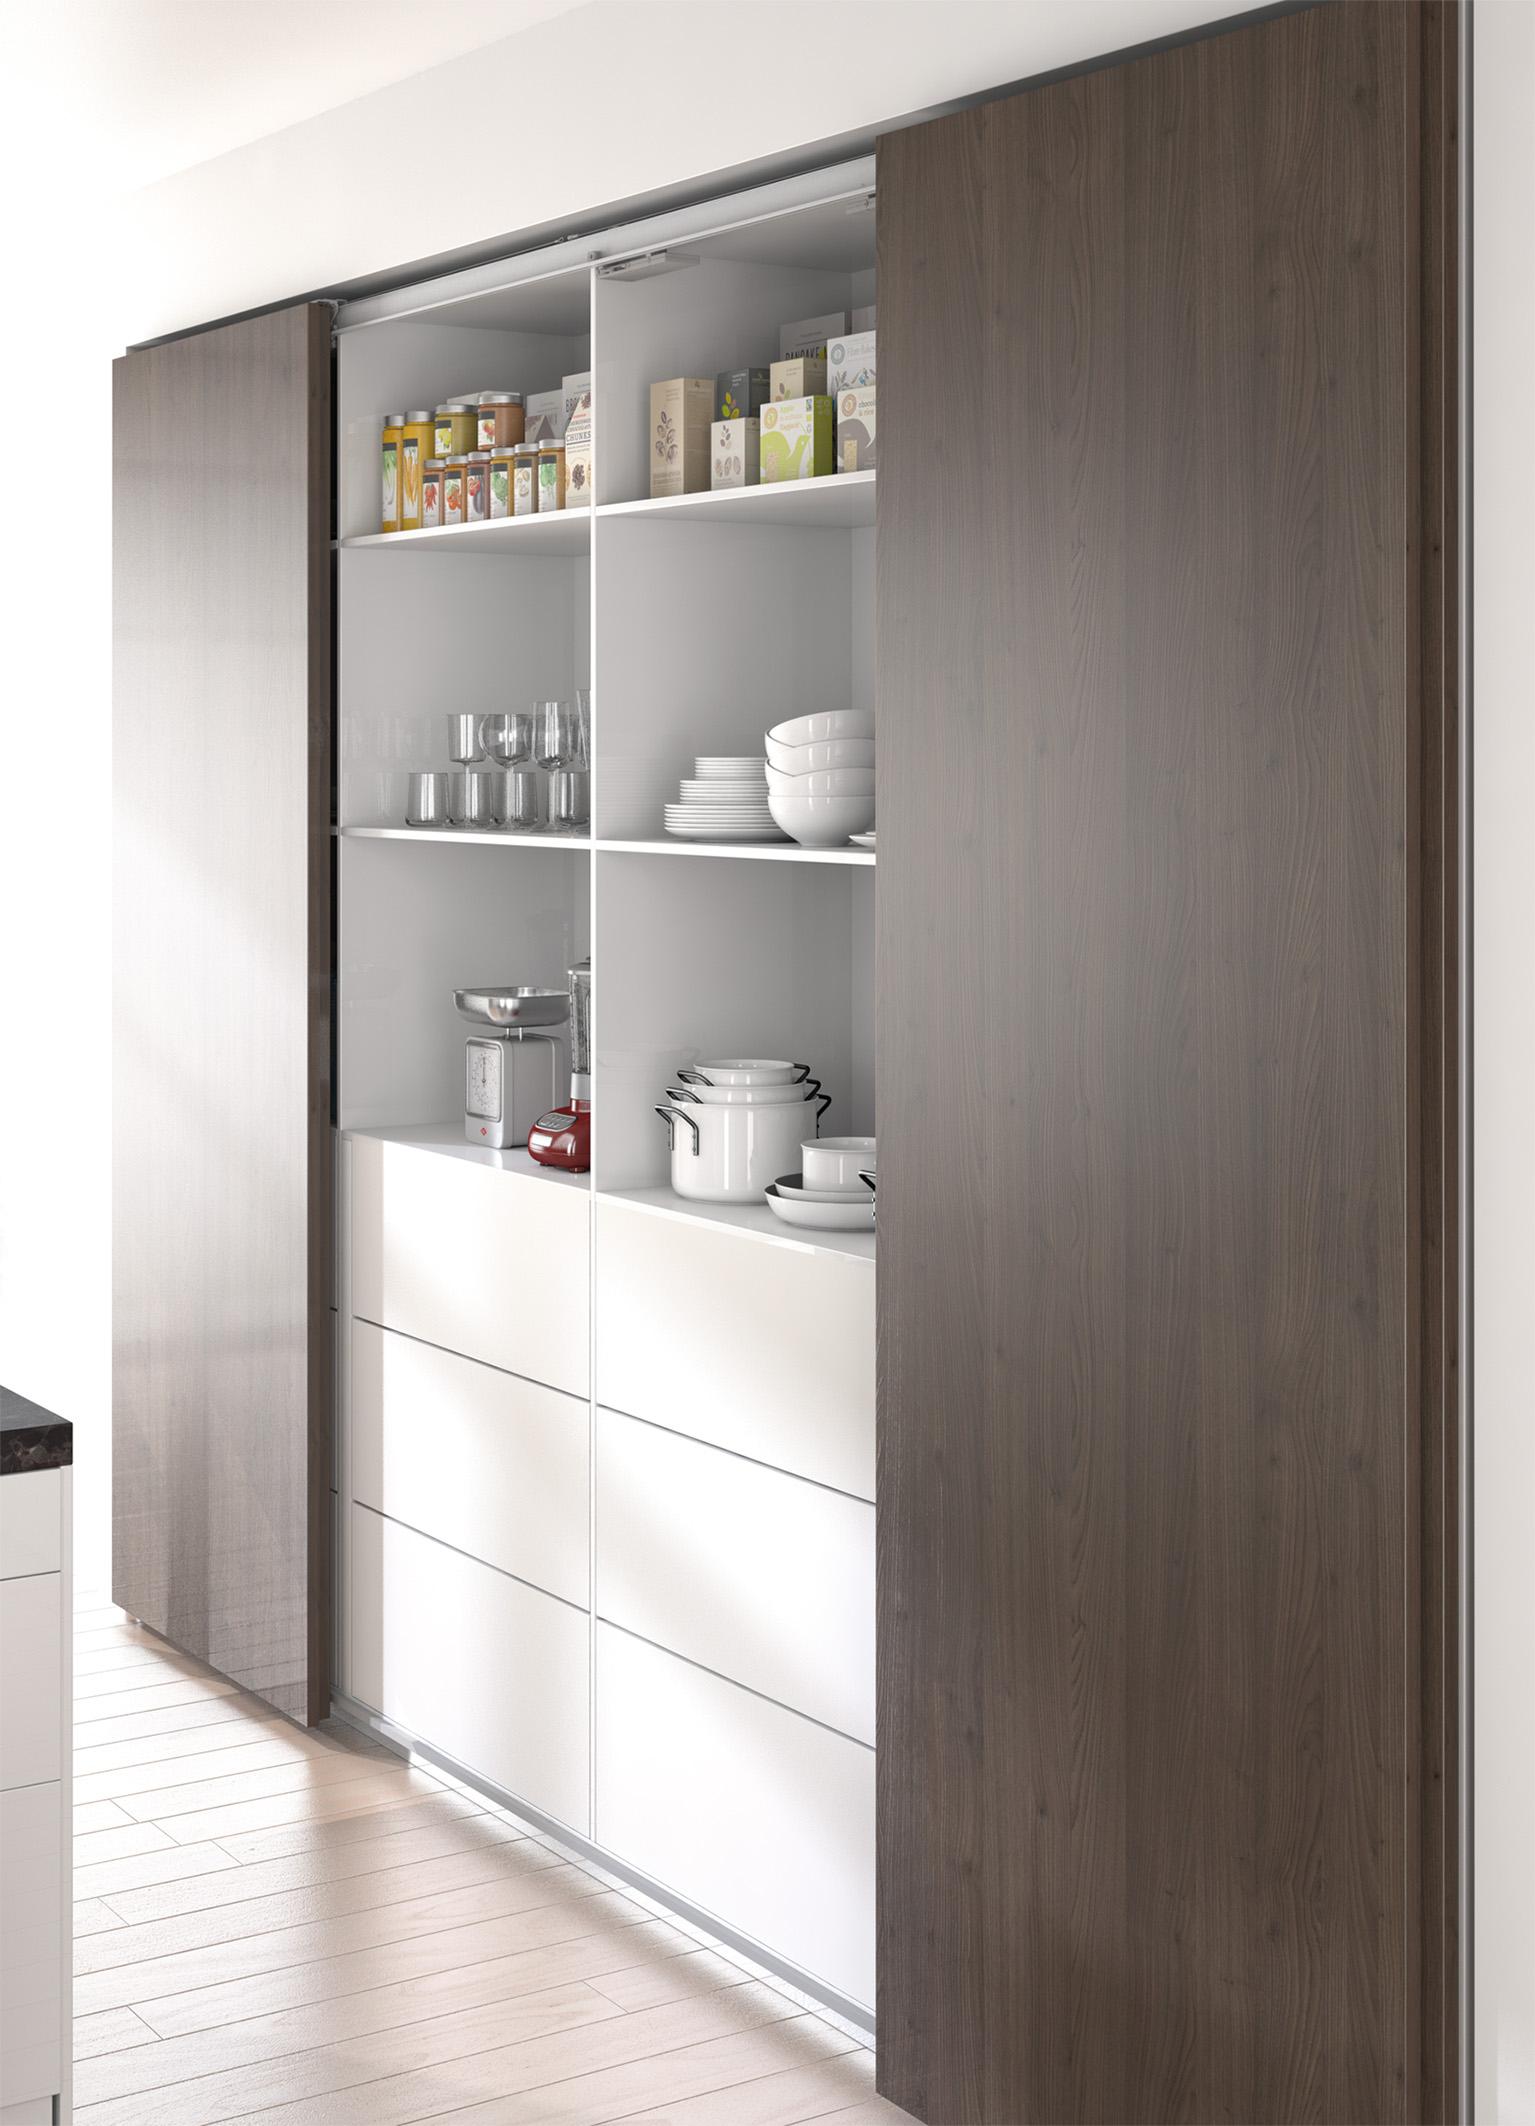 Zsynchronizowane otwieranie centralnych drzwi w celu zapewnienia szybkiego dostępu do środkowej części szafy. Zdjęcie: Hettich